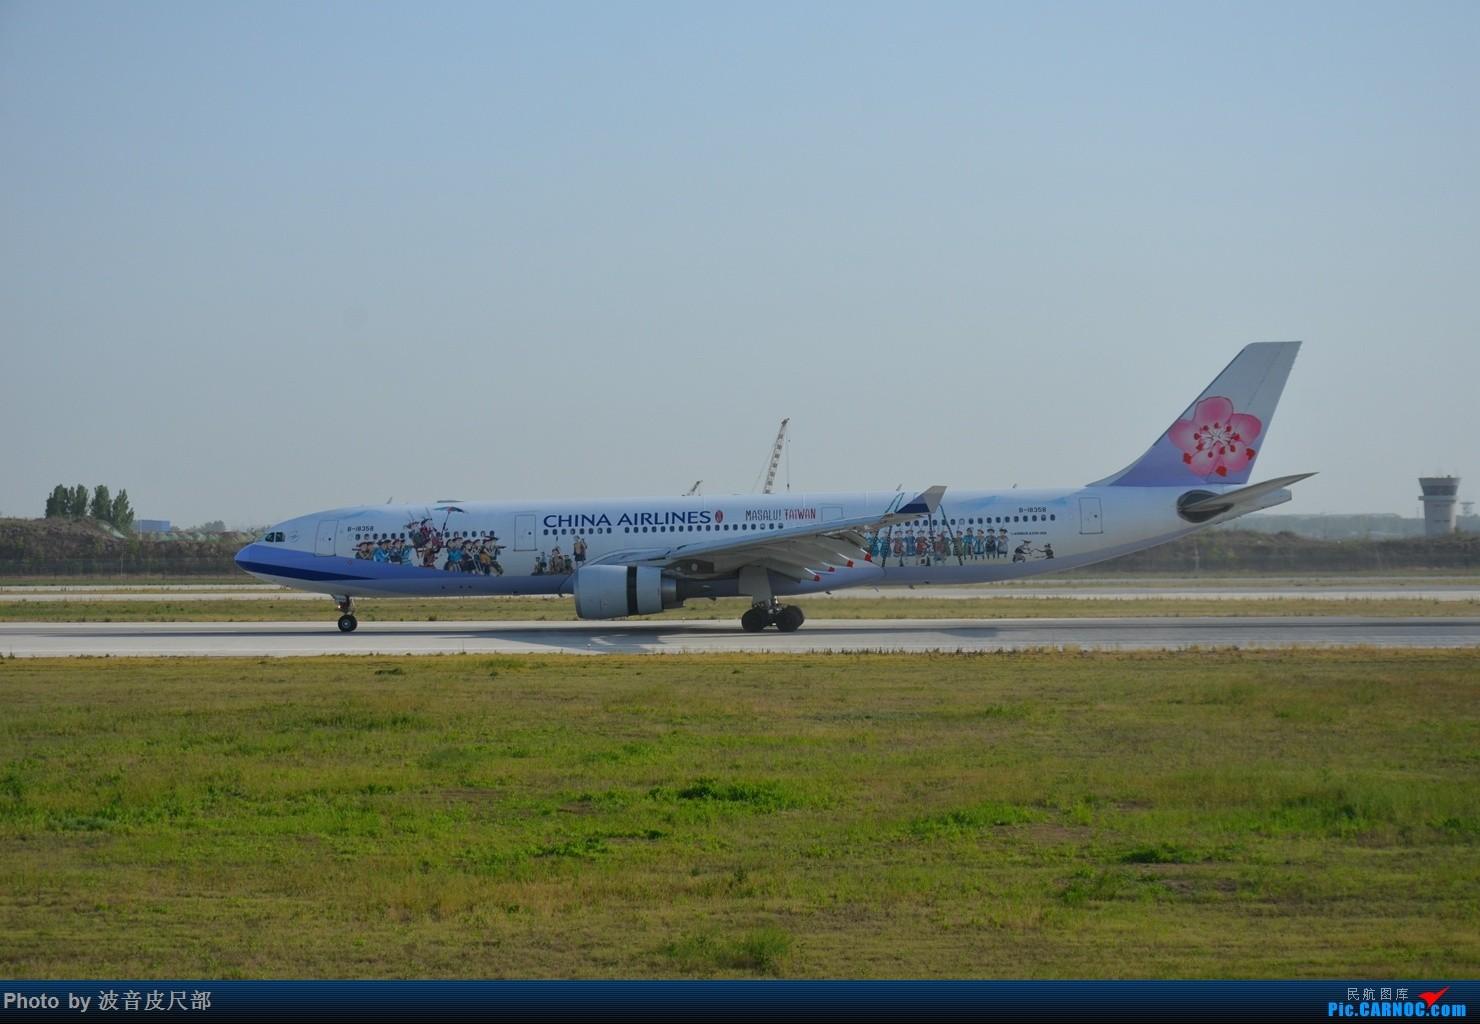 Re:[原创]郑州机场近期彩绘合集 AIRBUS A330-300 B-18358 中国郑州新郑国际机场